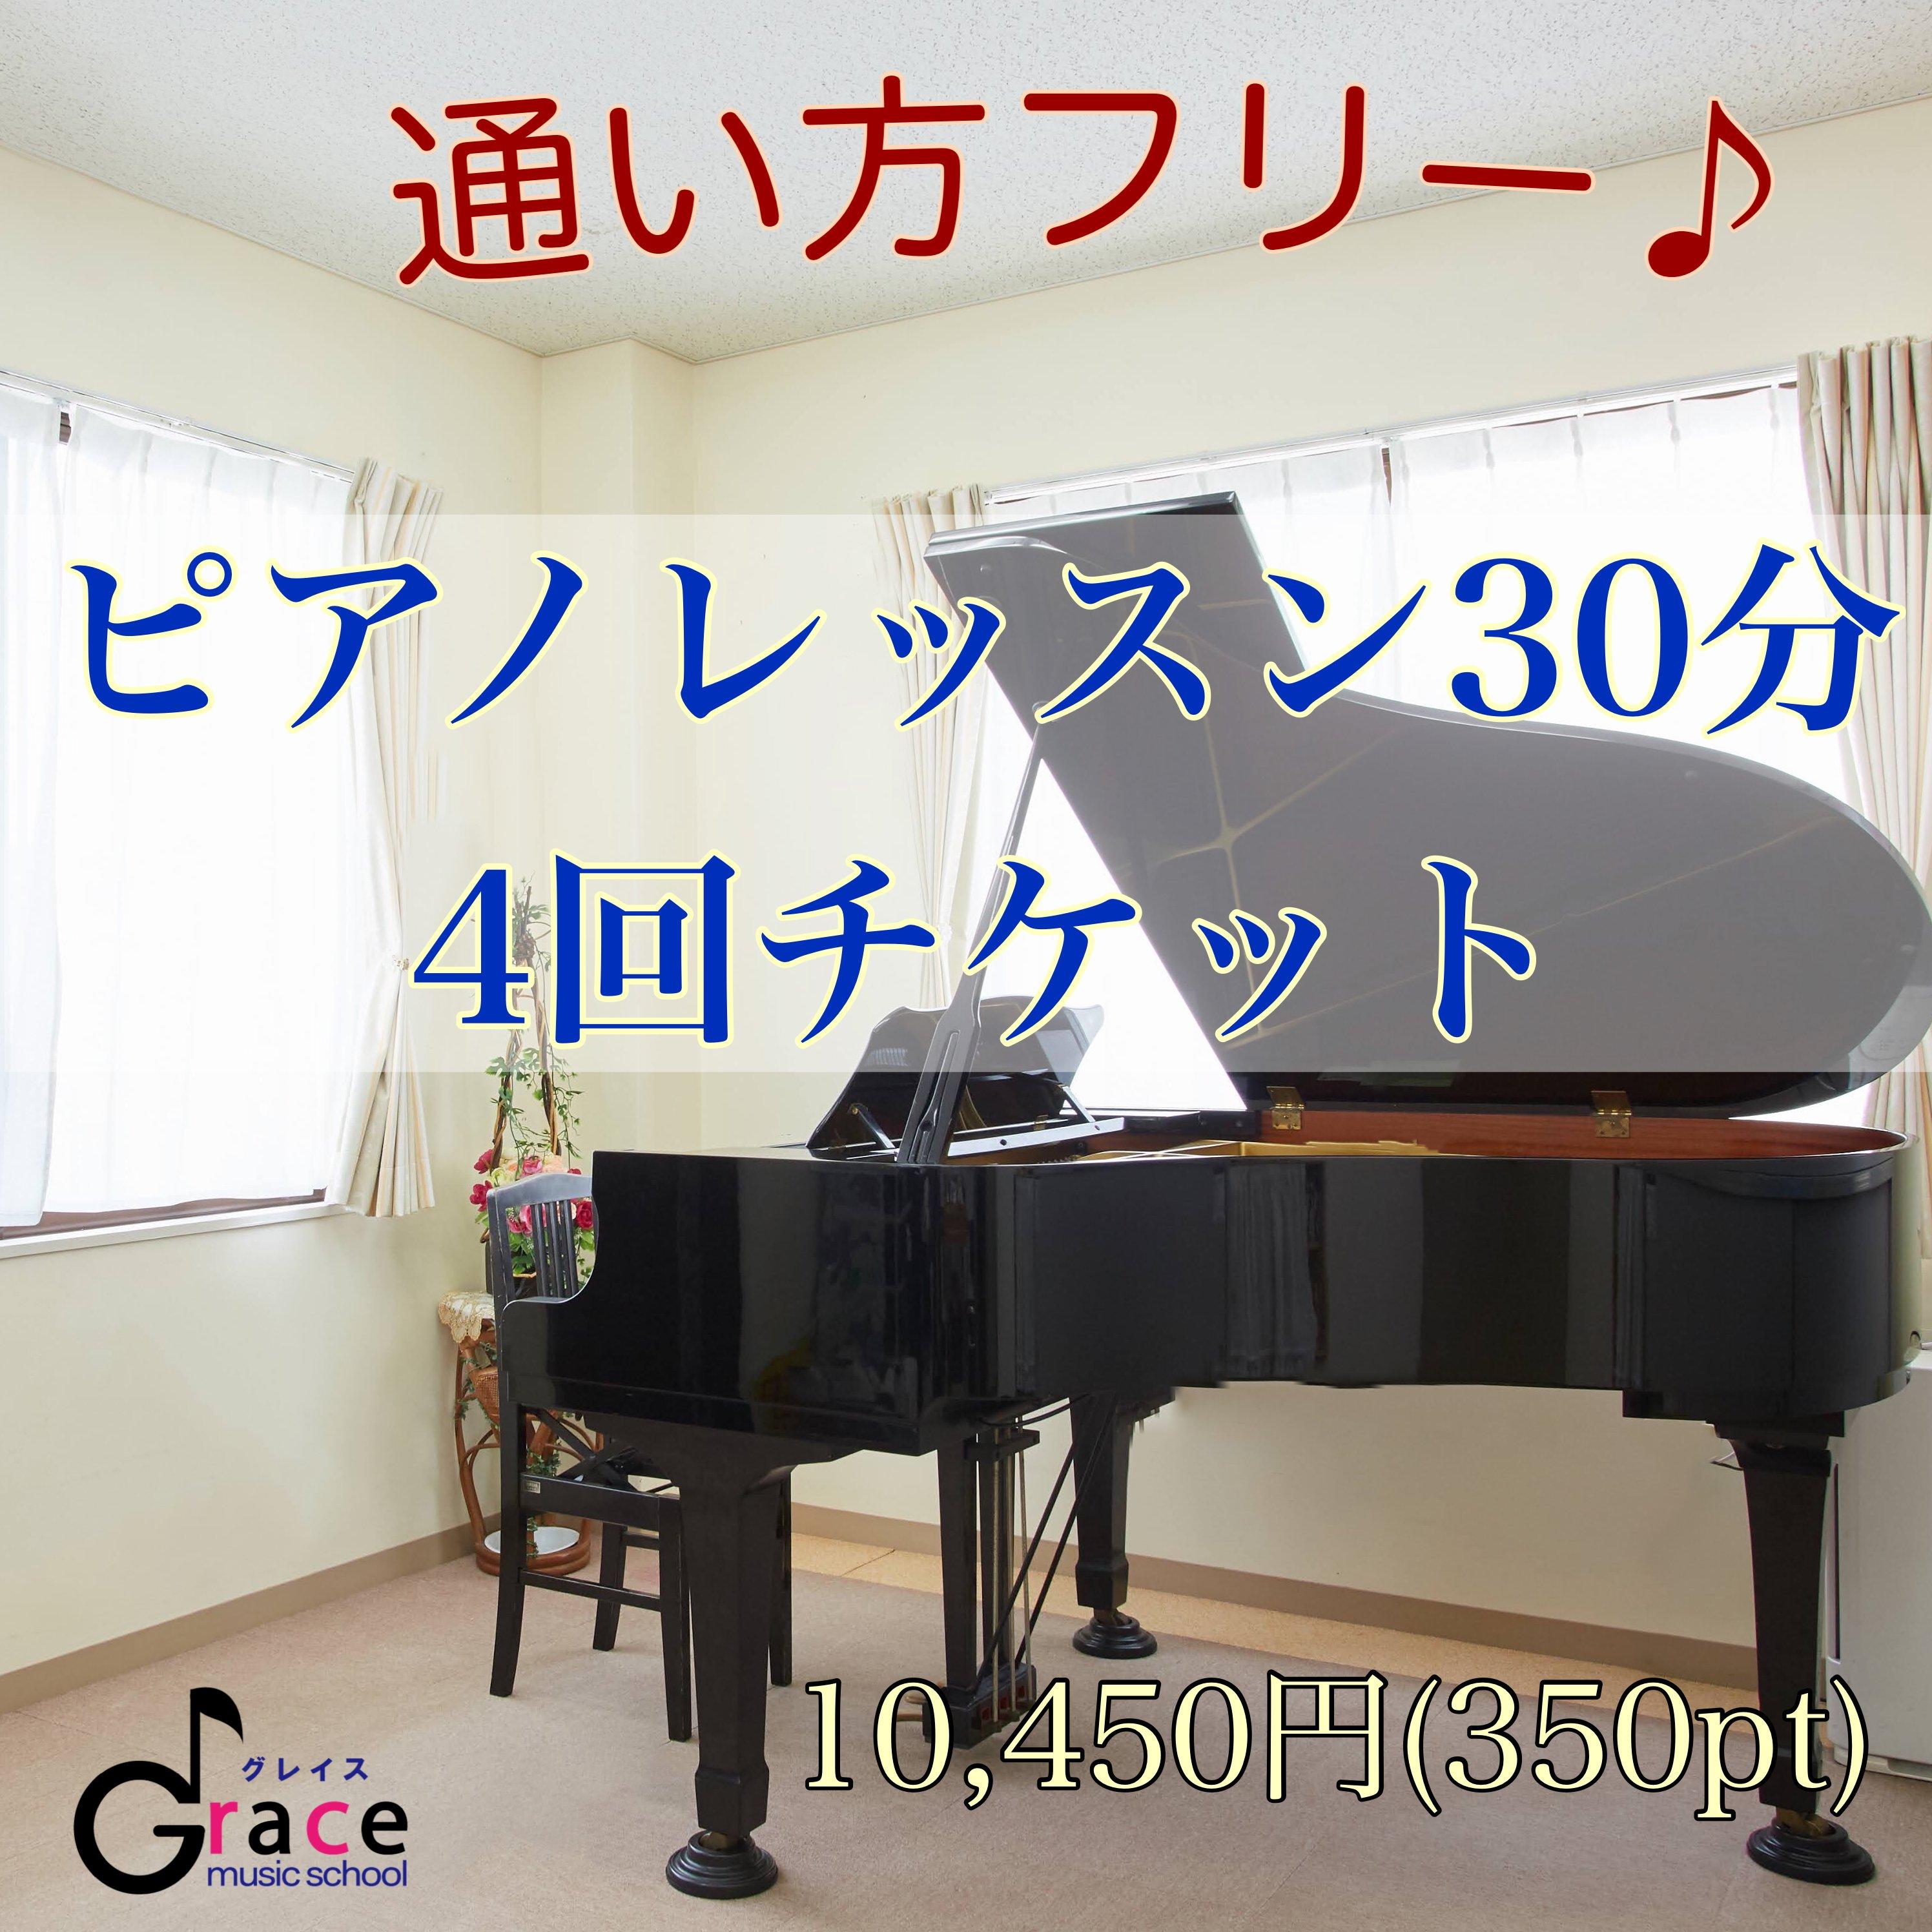 フリーピアノレッスン 30分・4回チケットのイメージその1